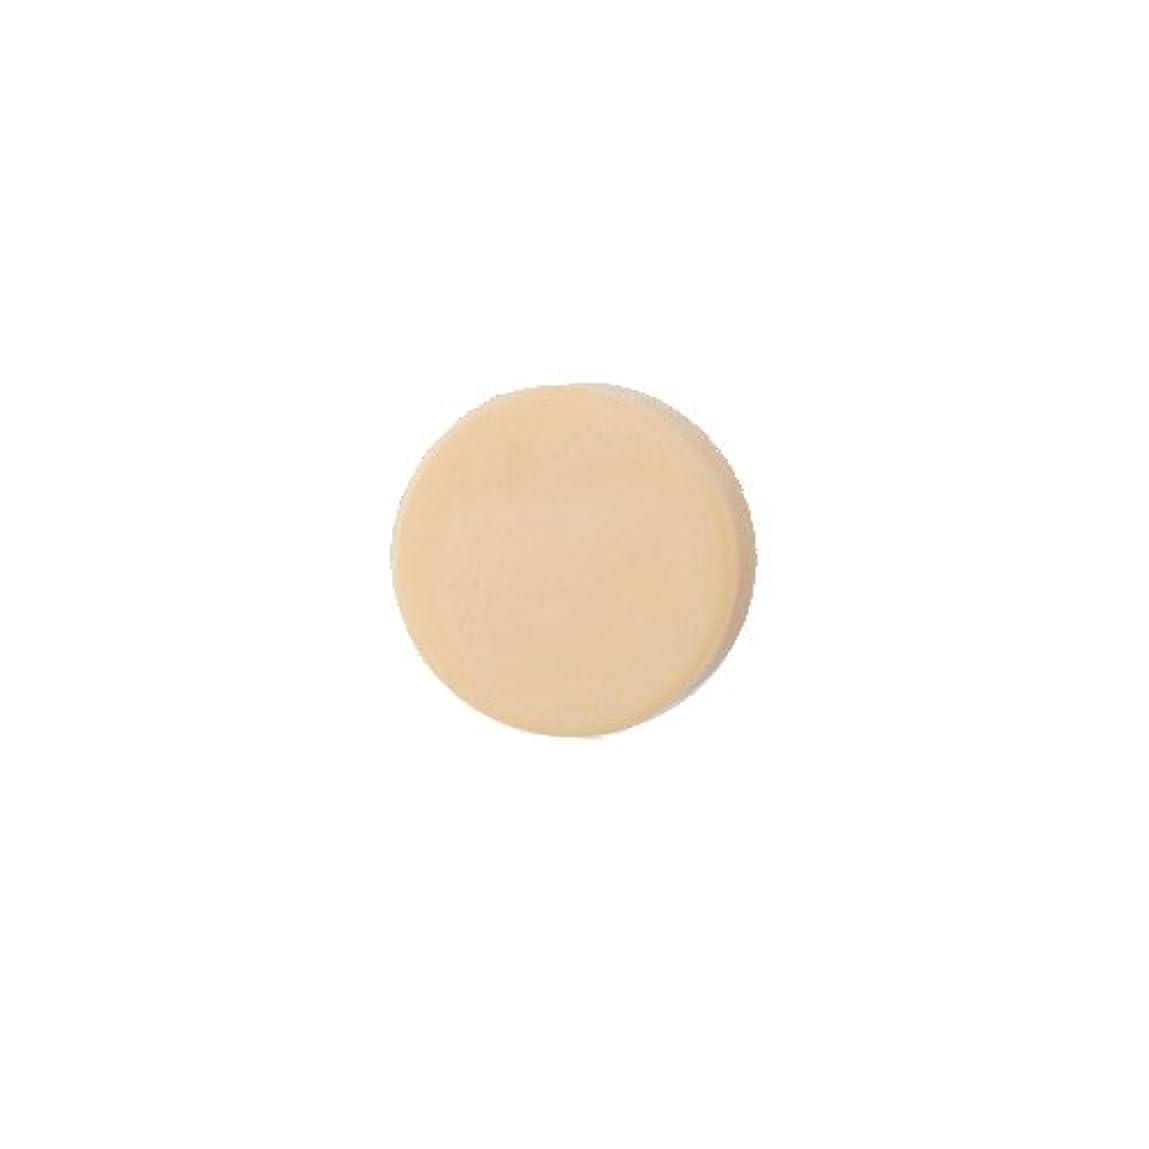 レッスンルートママこだわりコールド製法の無添加でオーガニックな洗顔石鹸 マザーウッド&シルクソープ 75g